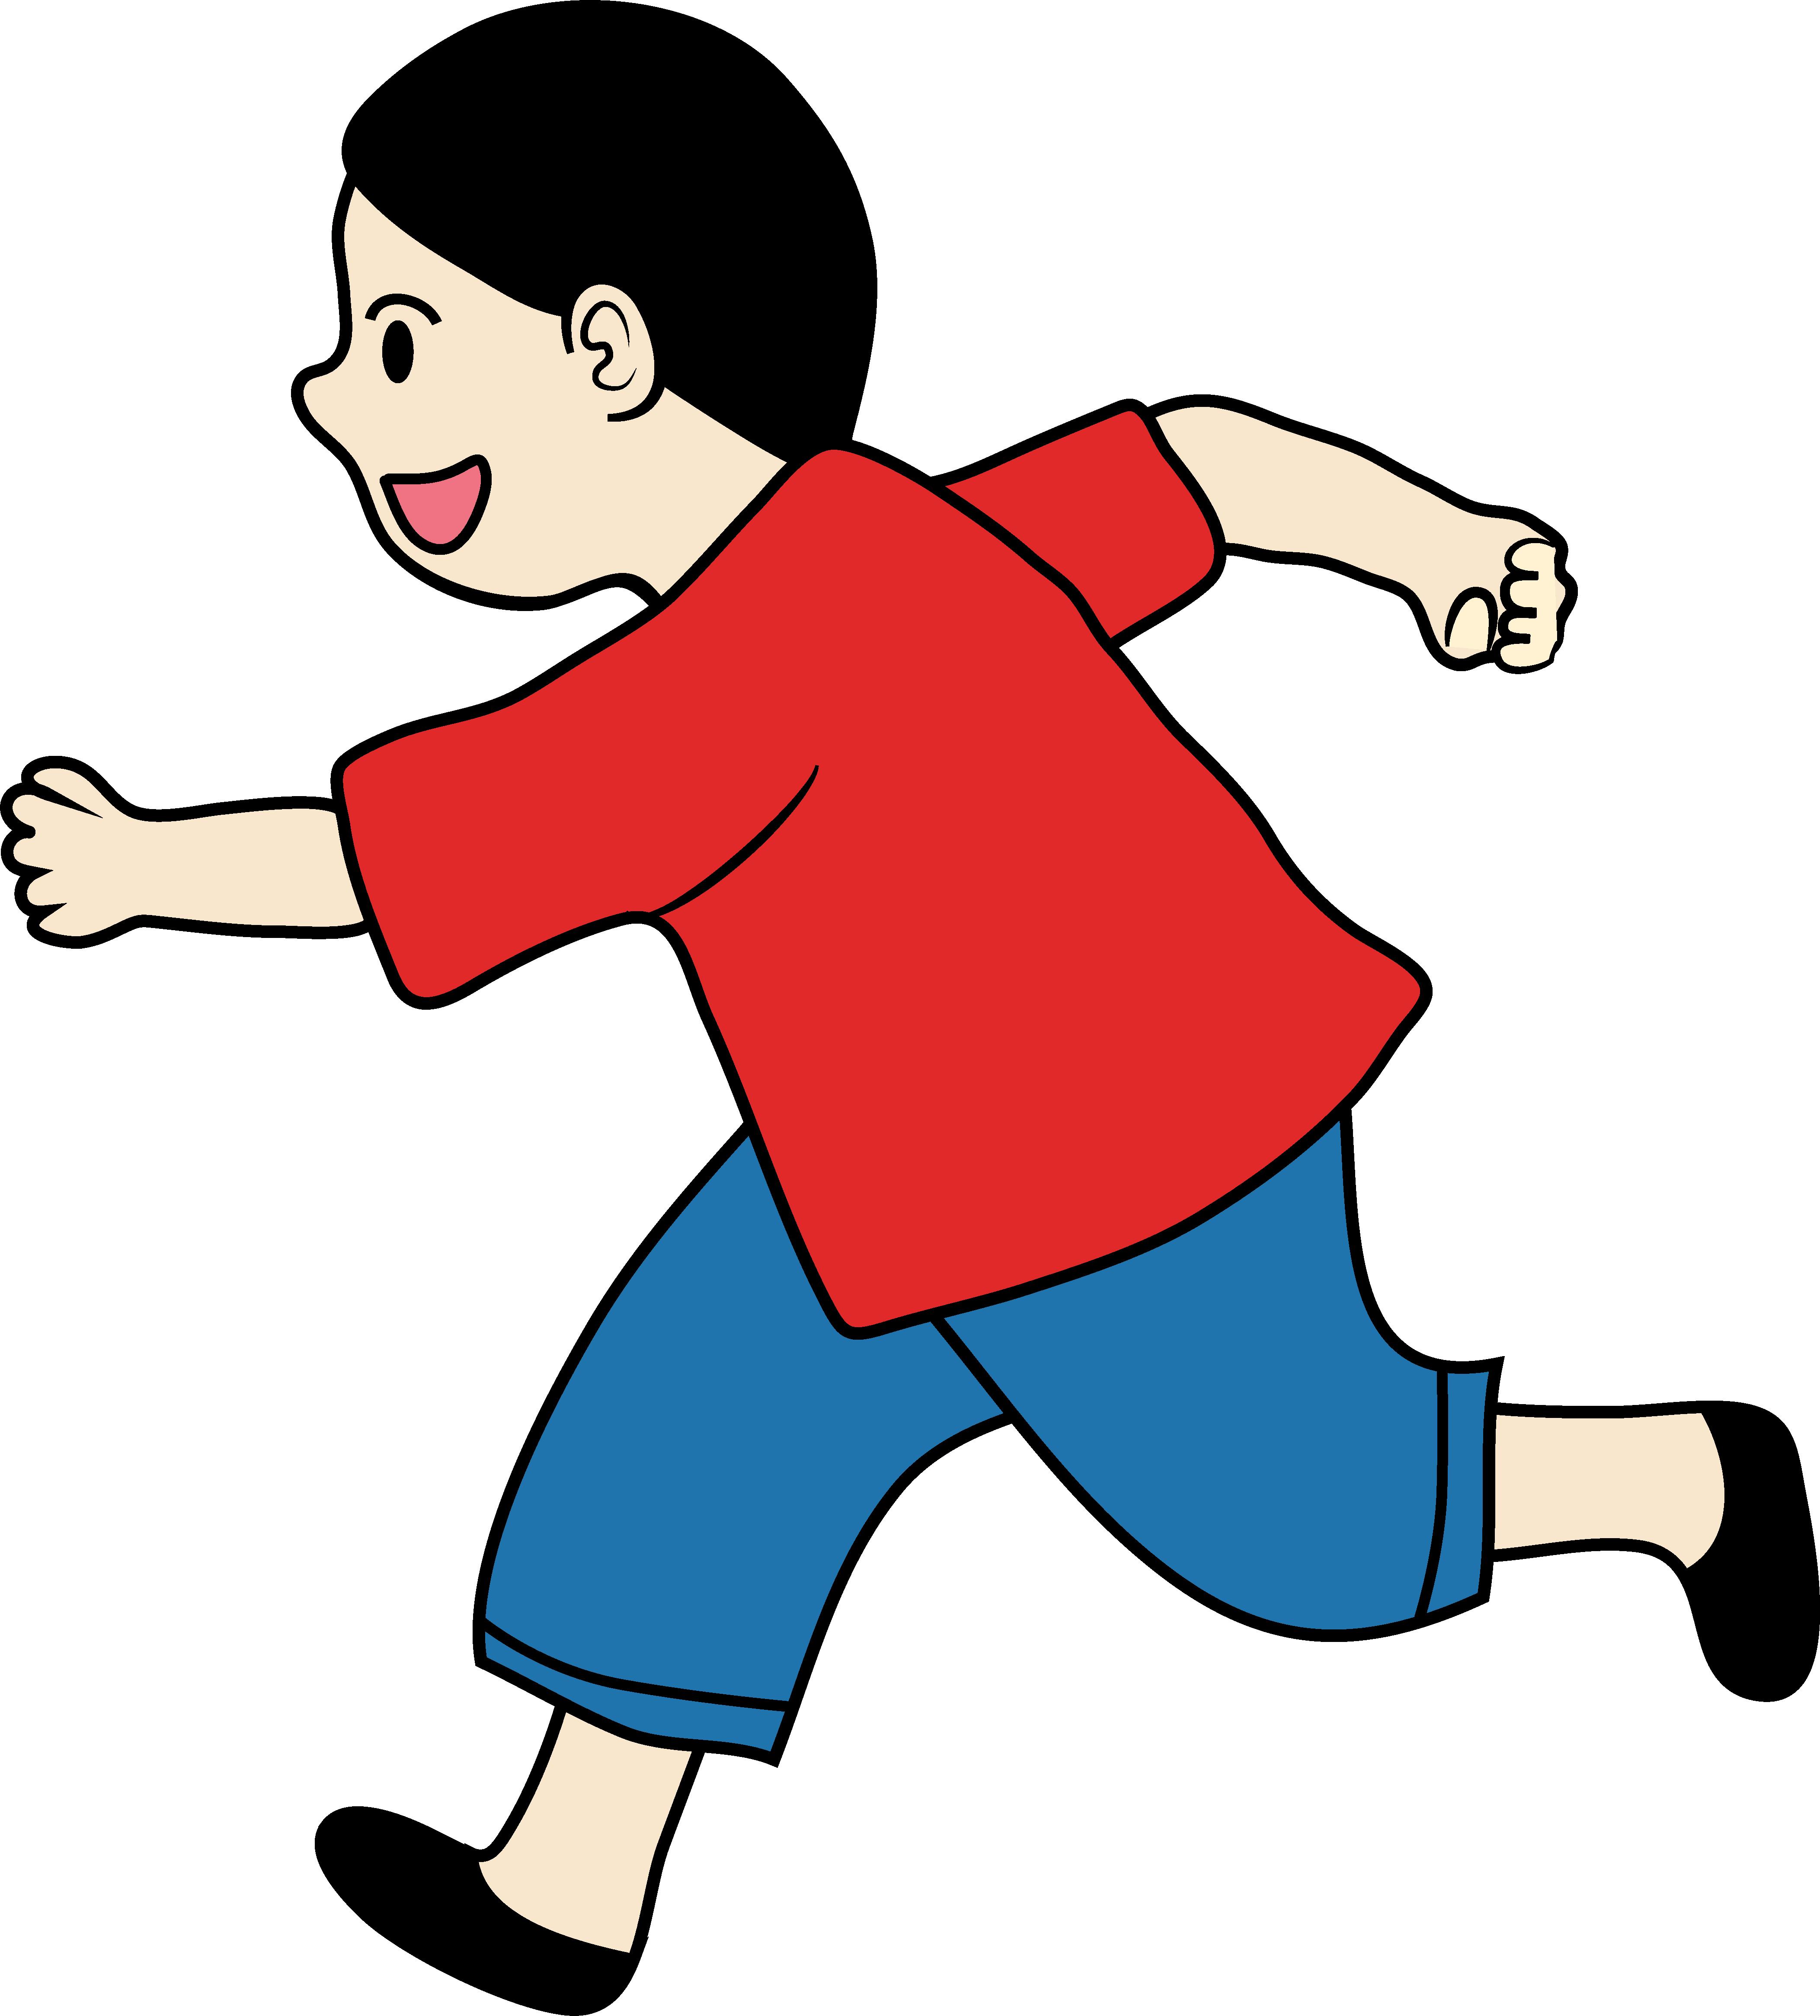 Clipart of a Little Boy Running - Free Clip Art